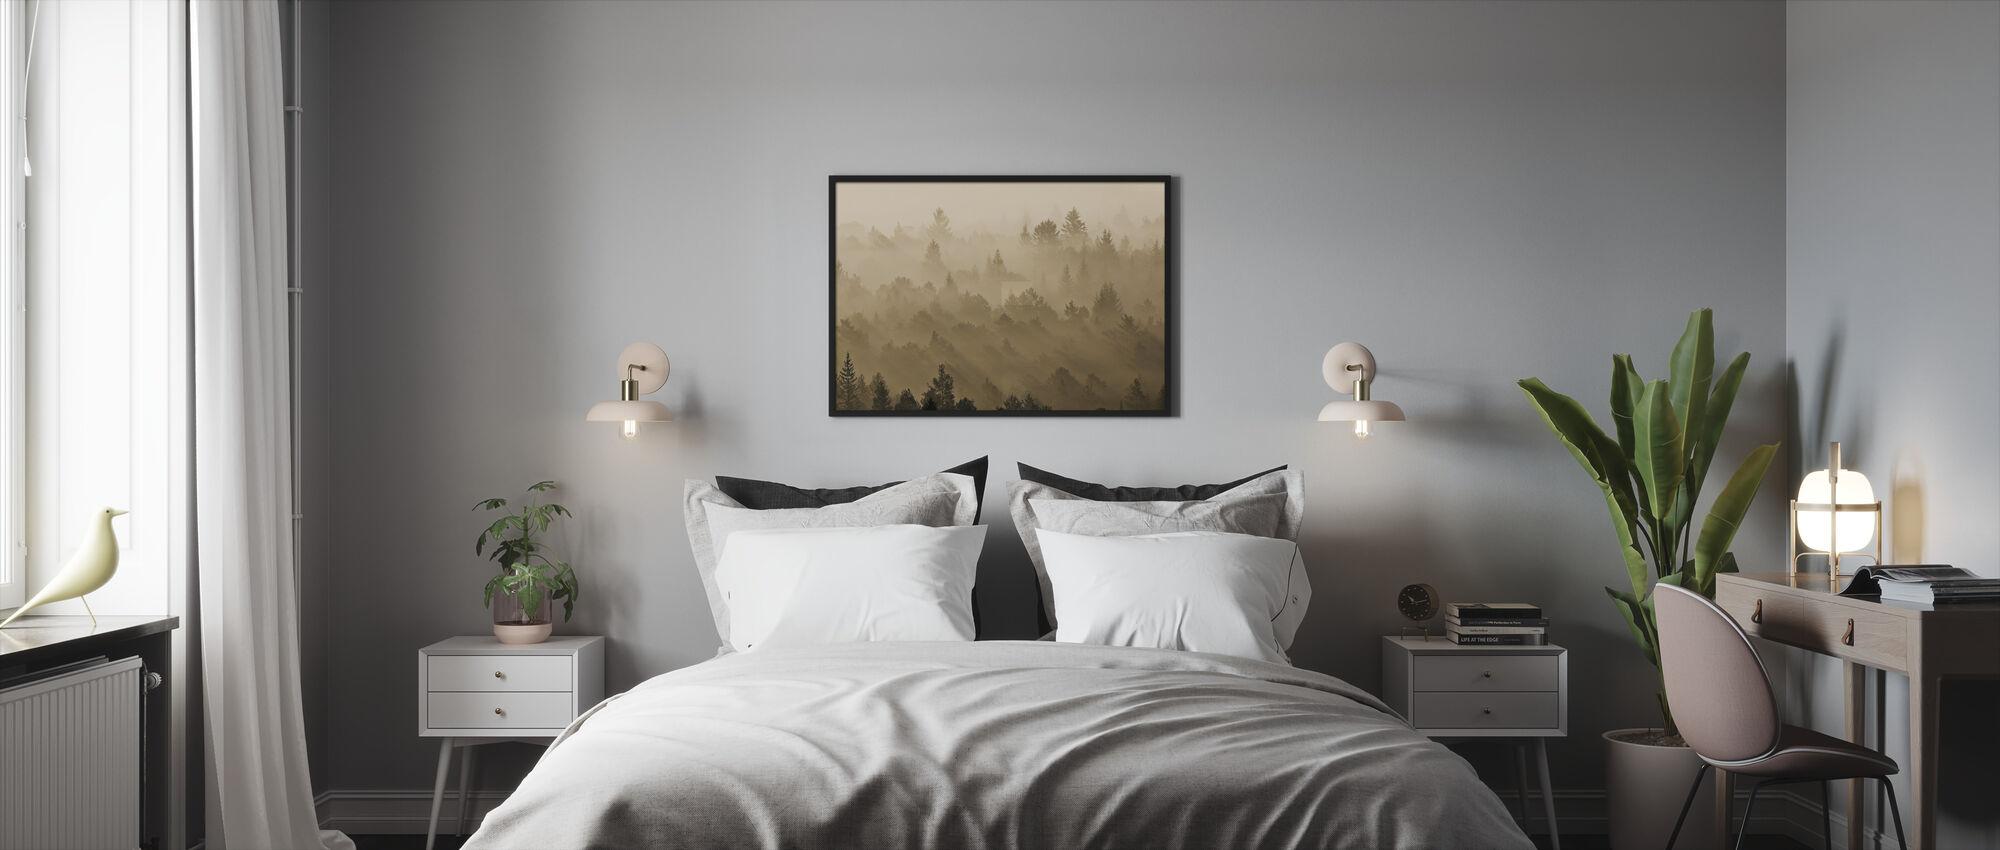 Morning Mist in Isar Valley - Framed print - Bedroom